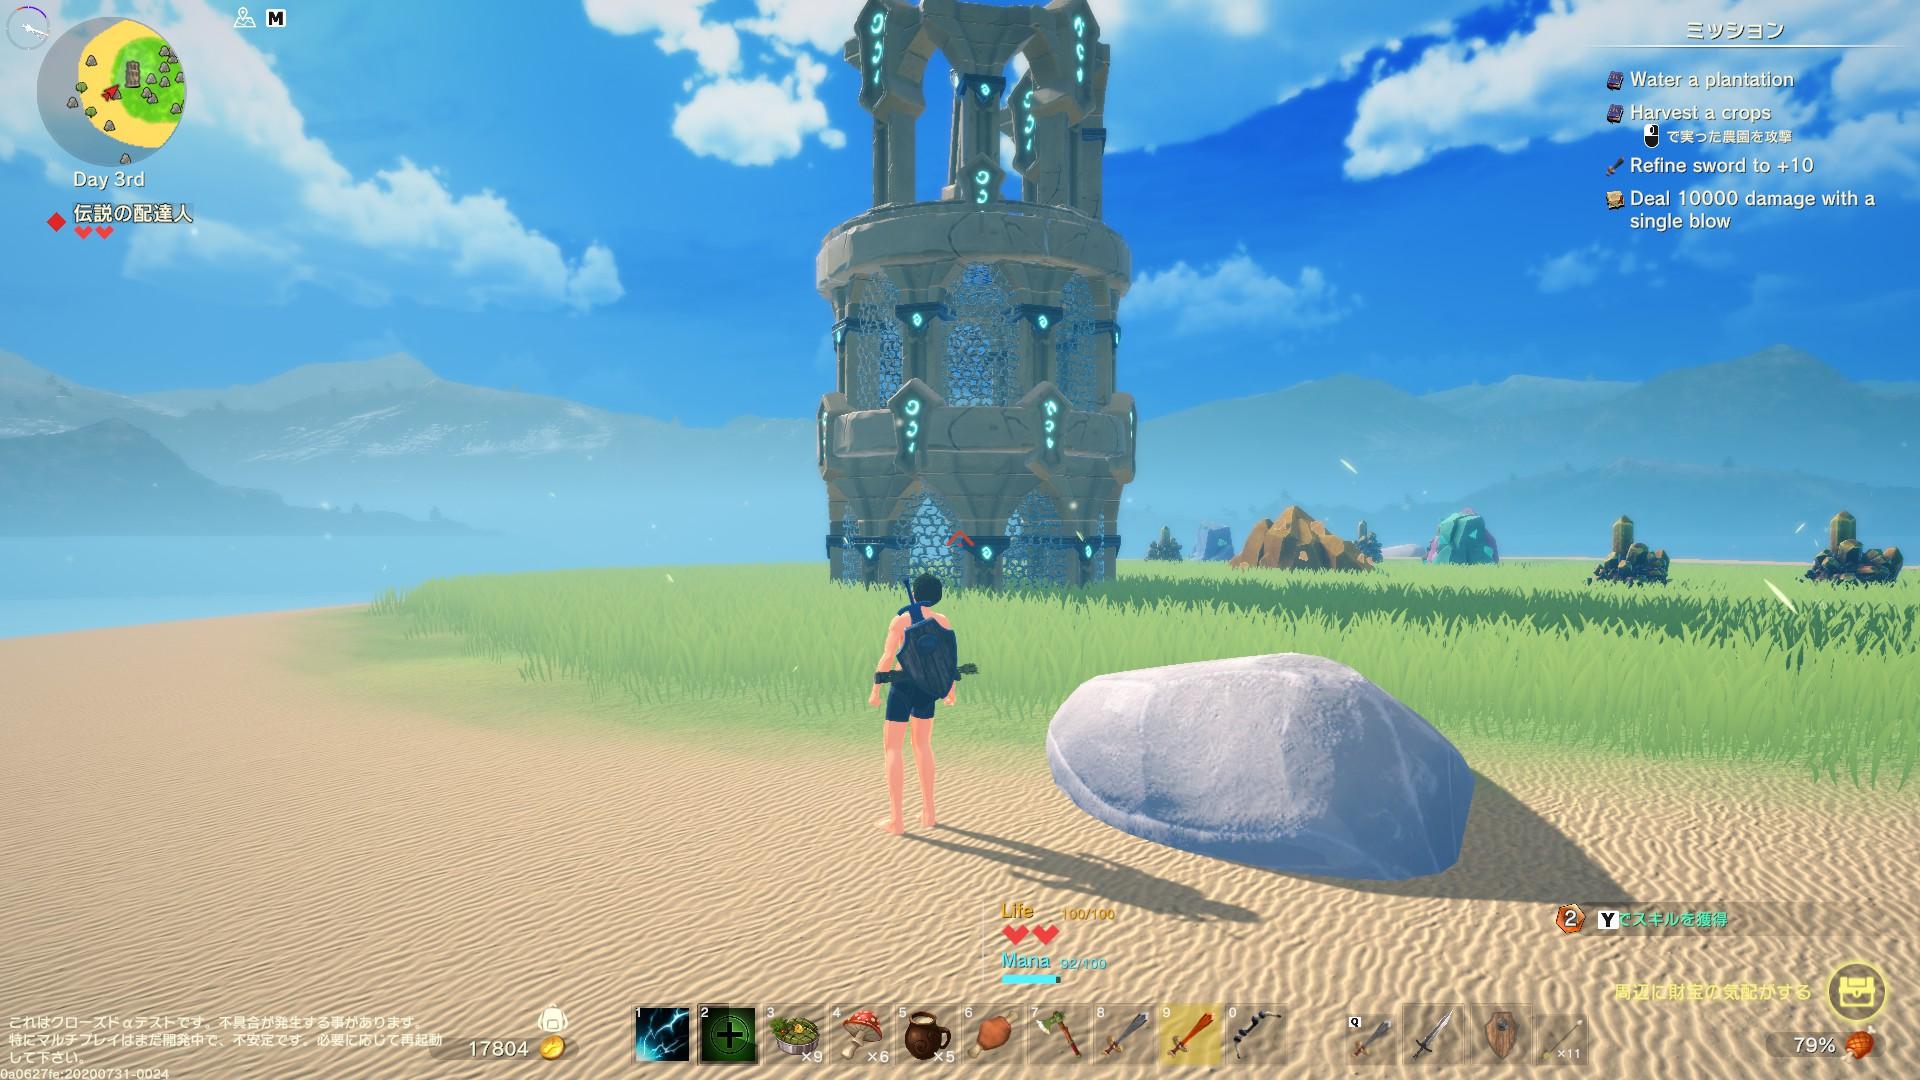 マップ各所には謎の塔が配置。アクティベートすると用途不明の柱を残して地中に沈む。塔の近くで硫黄の群生を発見した